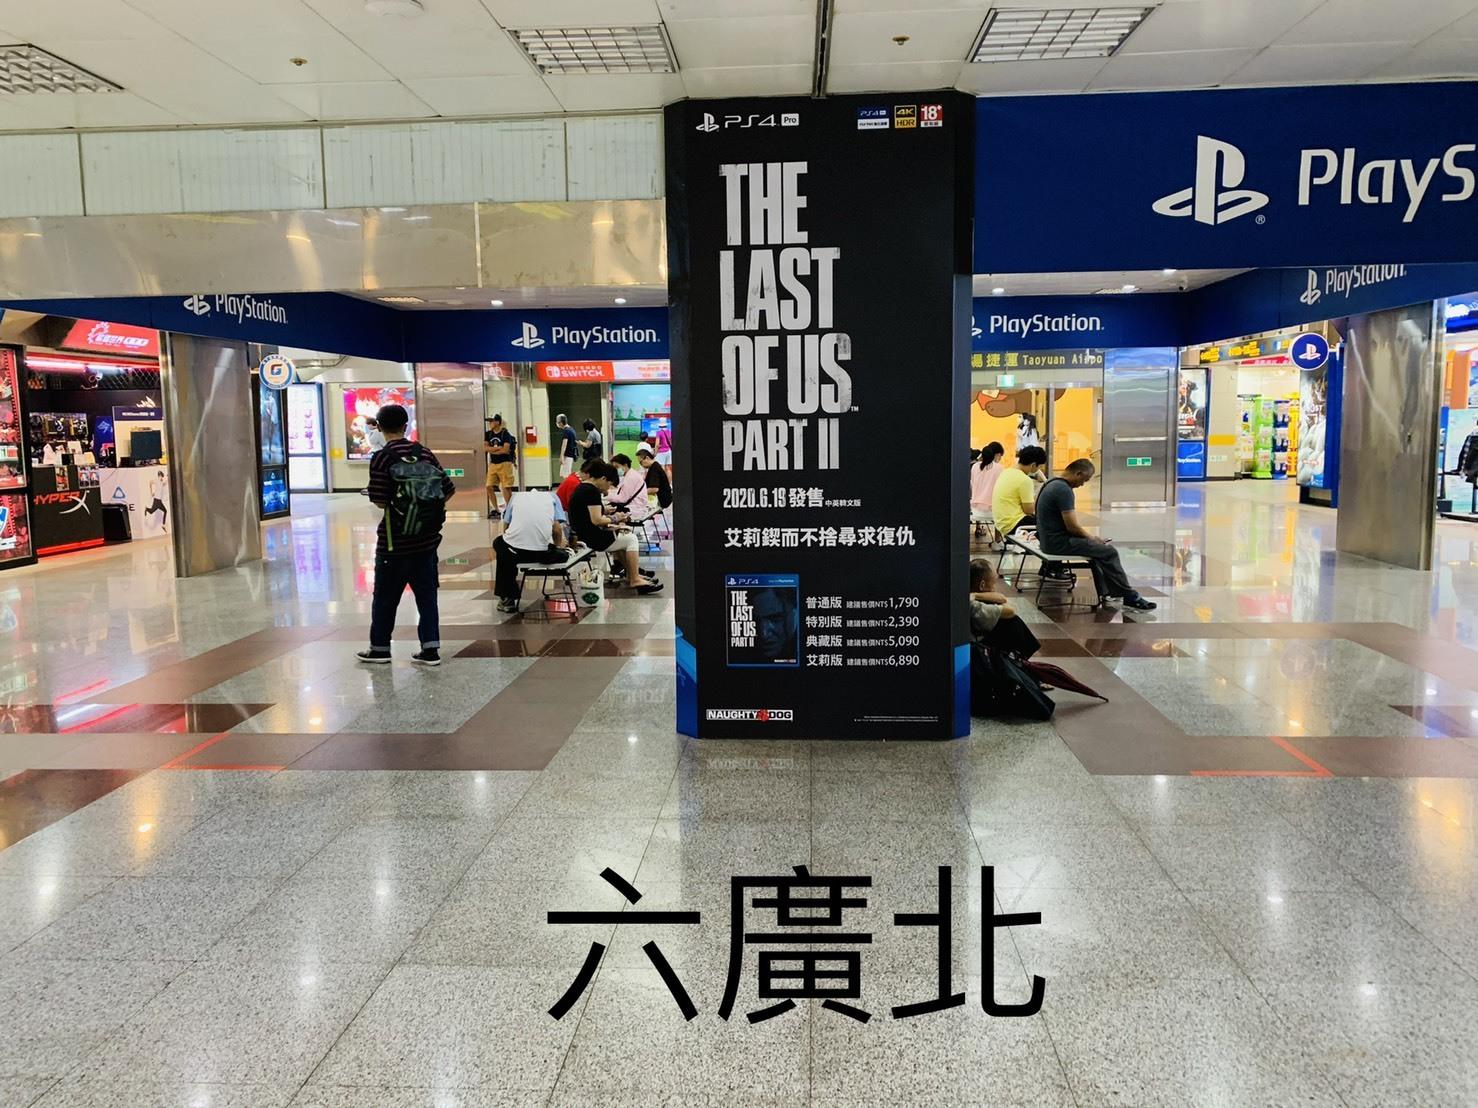 臺北市台北地下街場地申請規則附件1(另開新視窗)